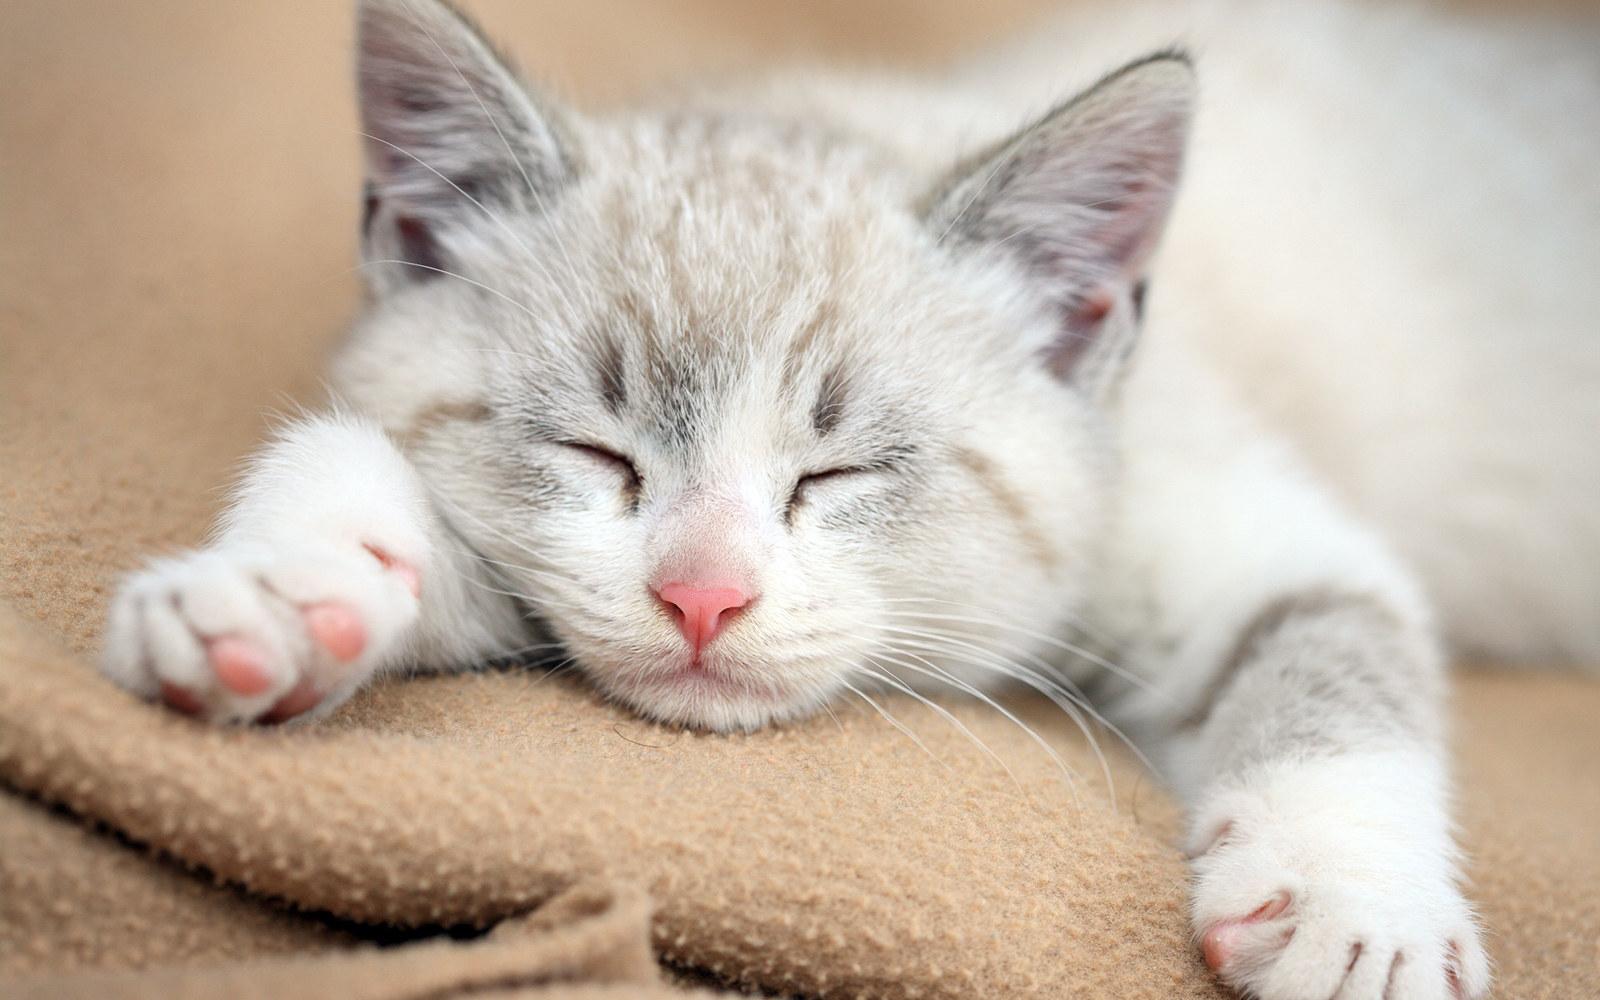 милых котиков фото